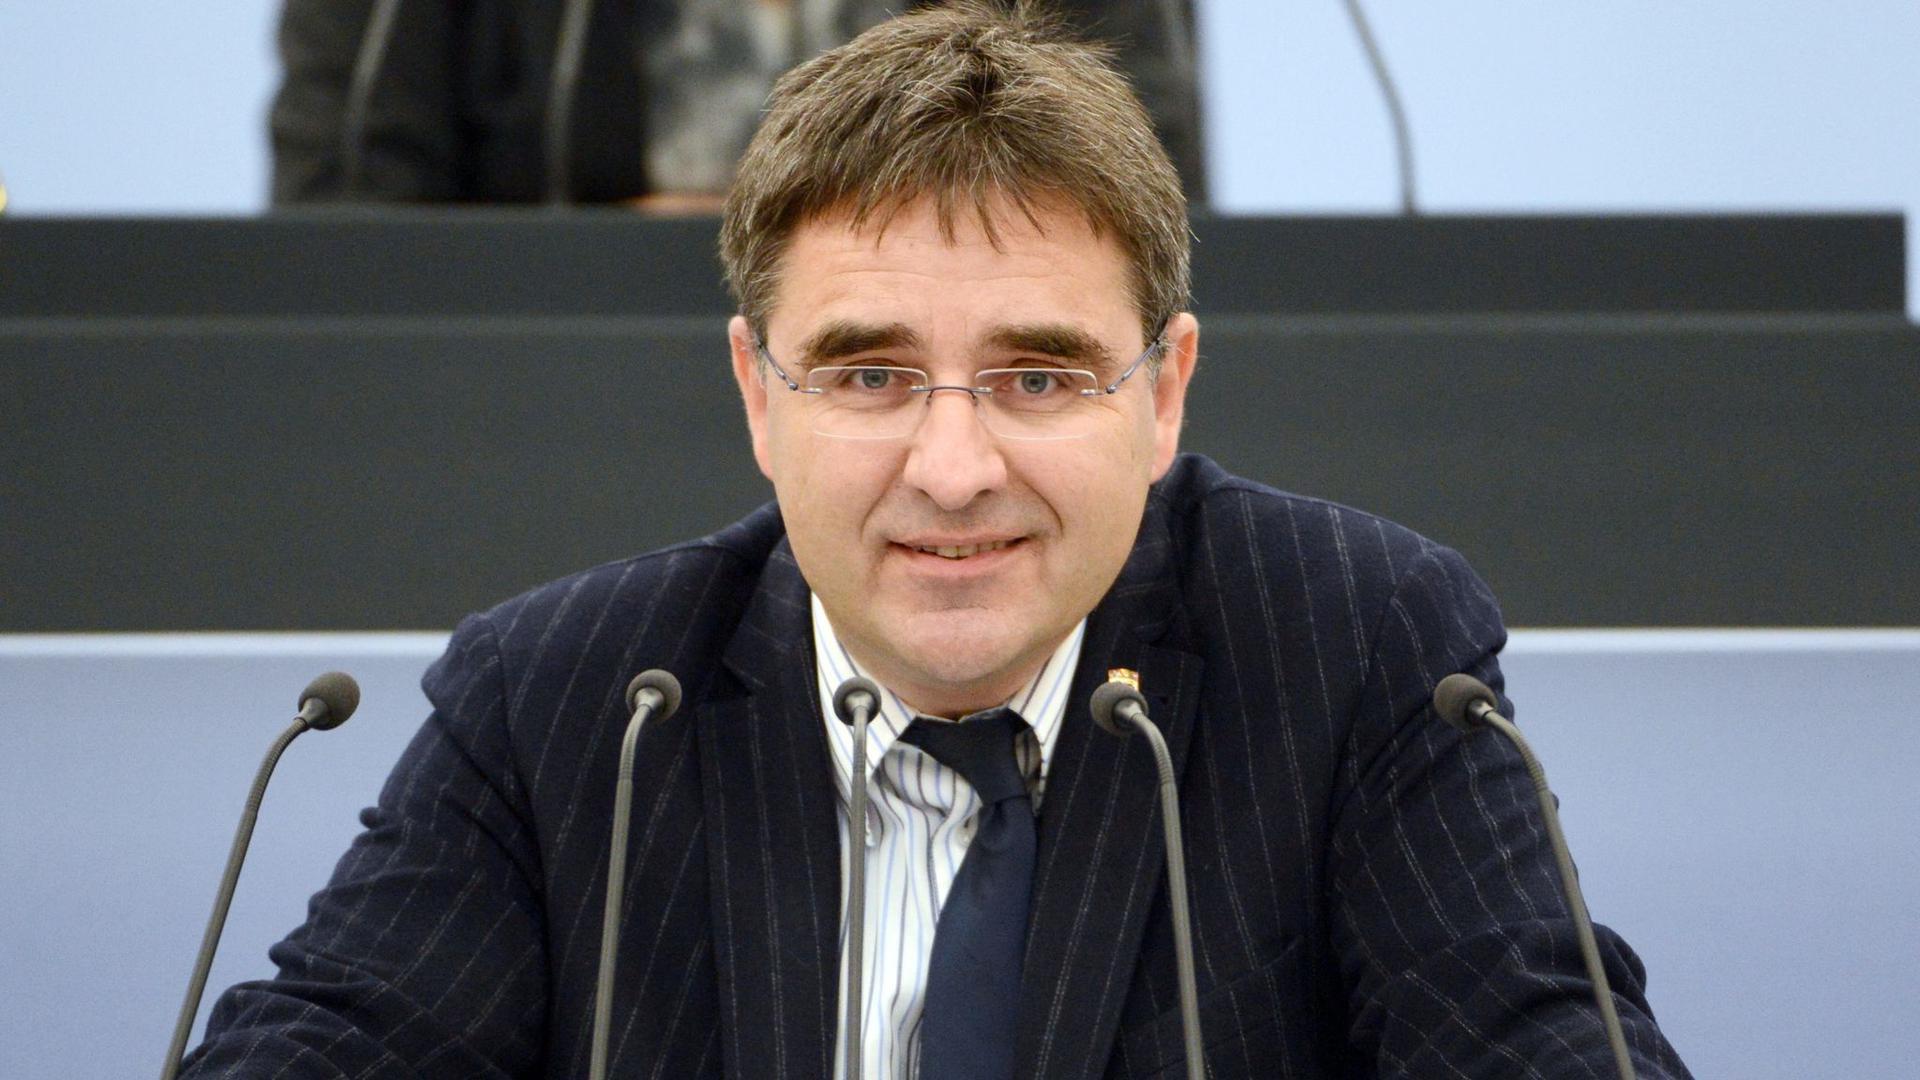 Der Landtagsabgeordnete Stefan Fulst-Blei (SPD) spricht im Landtag von Baden-Württemberg.